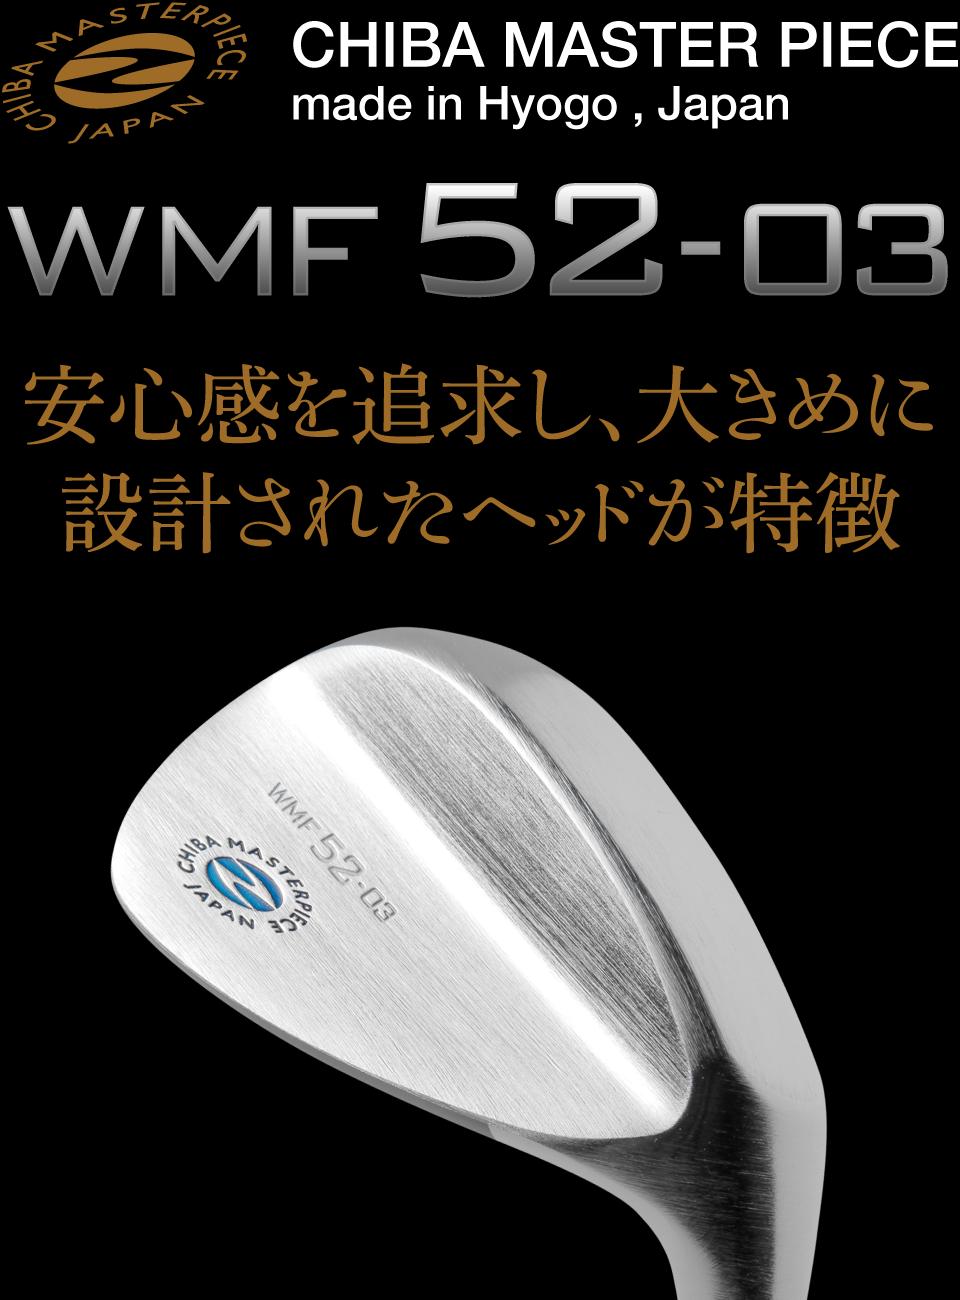 安心感を追求し、大きめに設計されたヘッドが特徴 WMF52-03